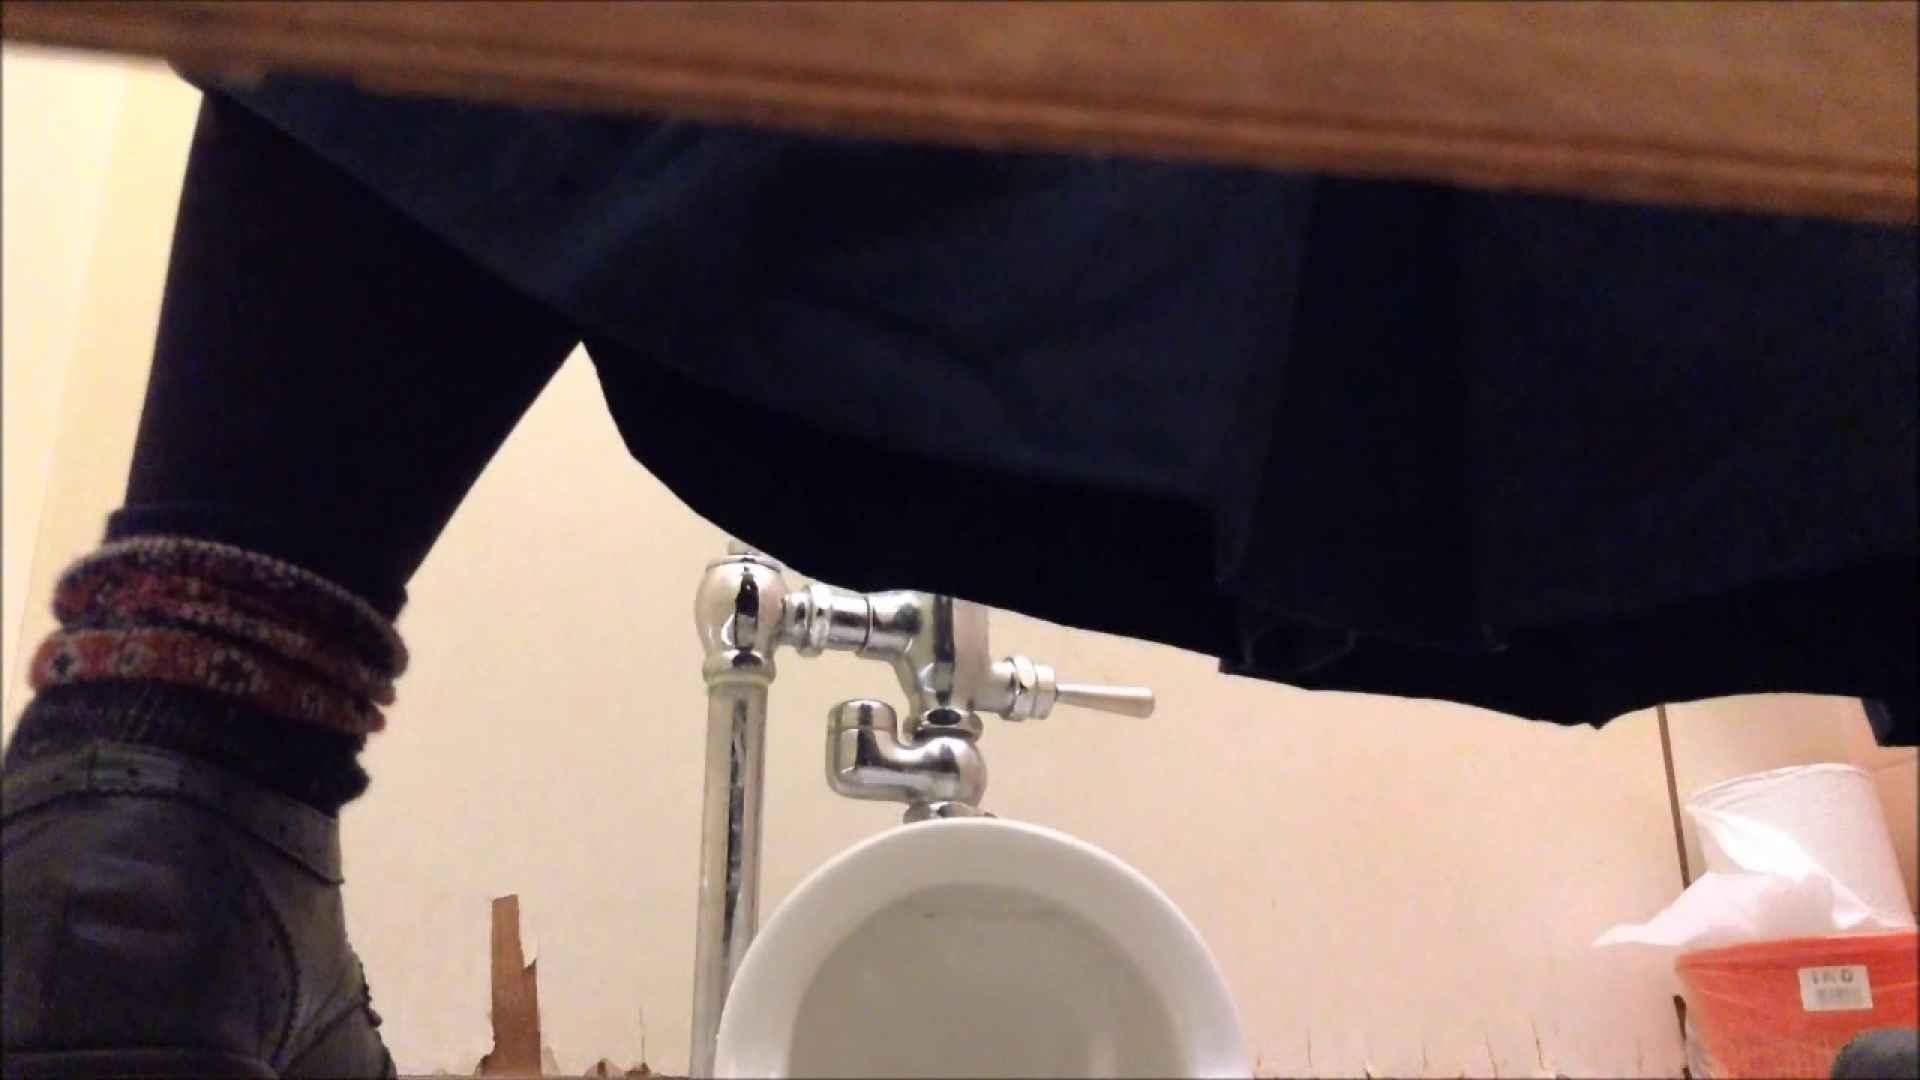 某有名大学女性洗面所 vol.12 排泄 おめこ無修正動画無料 96画像 26